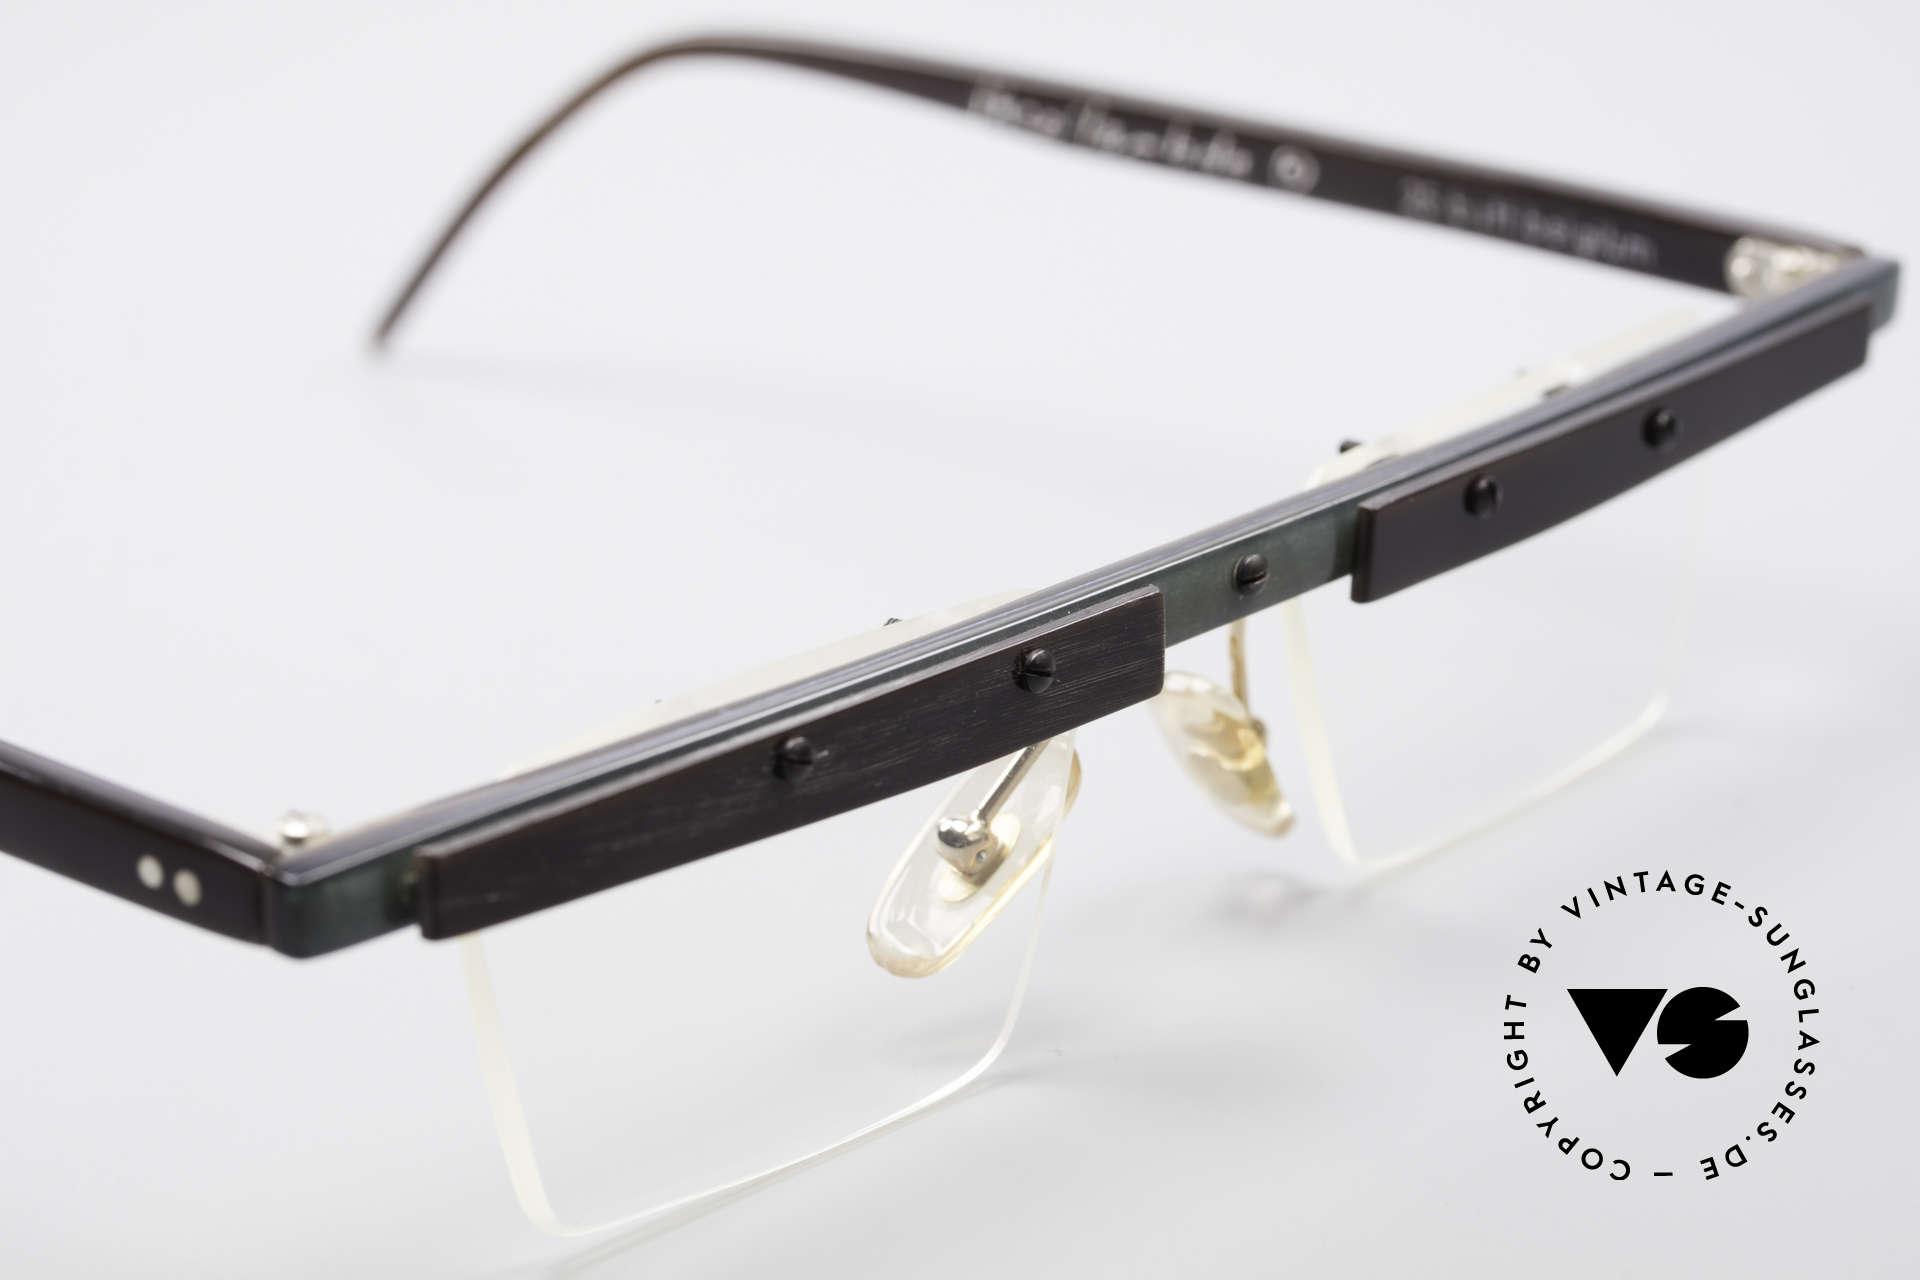 Theo Belgium Lambeta Büffelhorn Brillenfassung, sozusagen: vintage Brillenfassung mit Symbol-Charakter, Passend für Herren